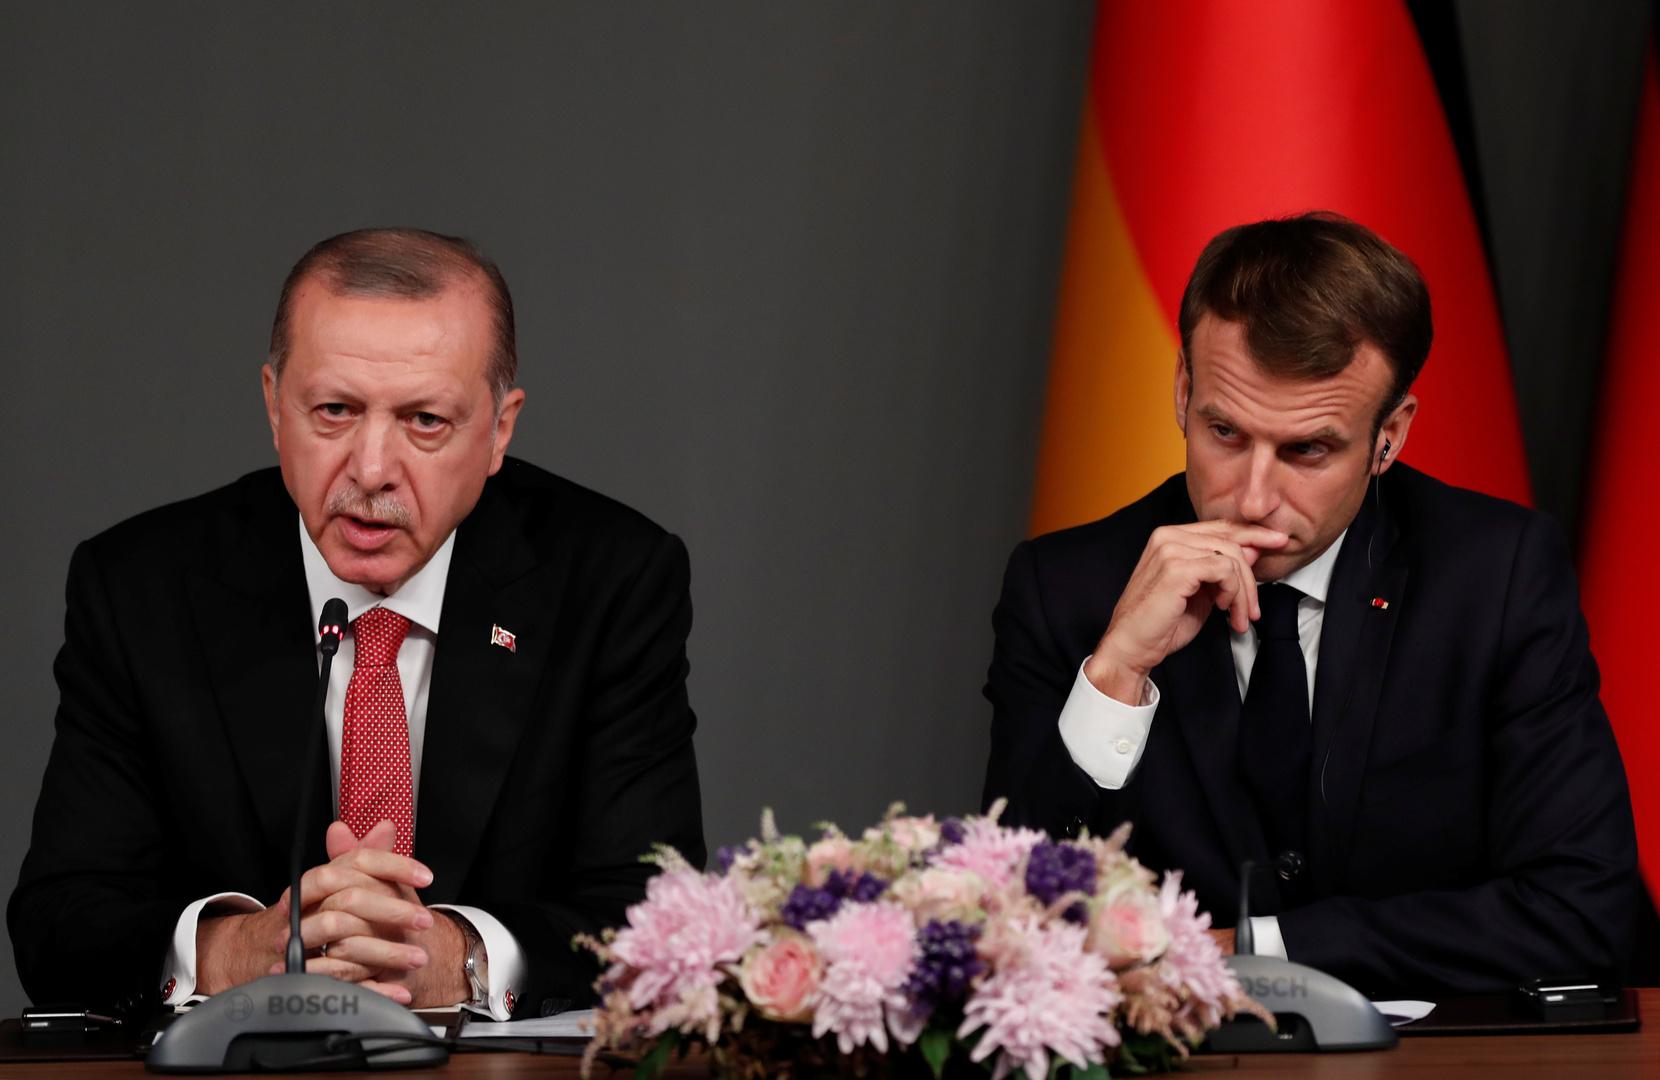 الاعتراف بـ قره باغ يهدد فرنسا بصراع جدي مع تركيا